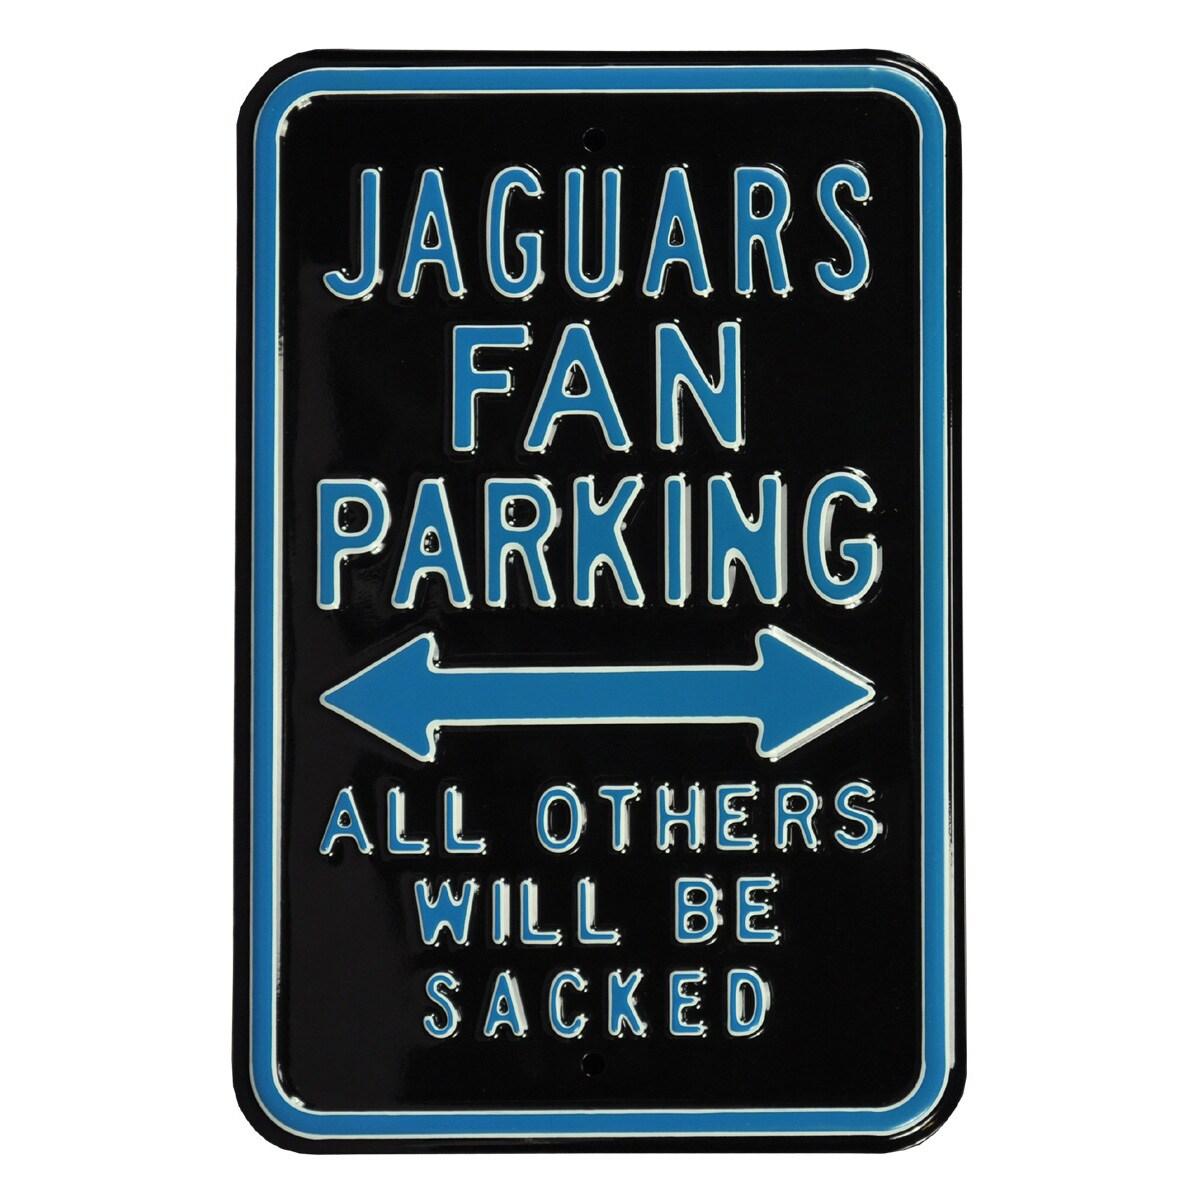 """Jacksonville Jaguars 12"""" x 18"""" Steel Parking Sign - Black"""